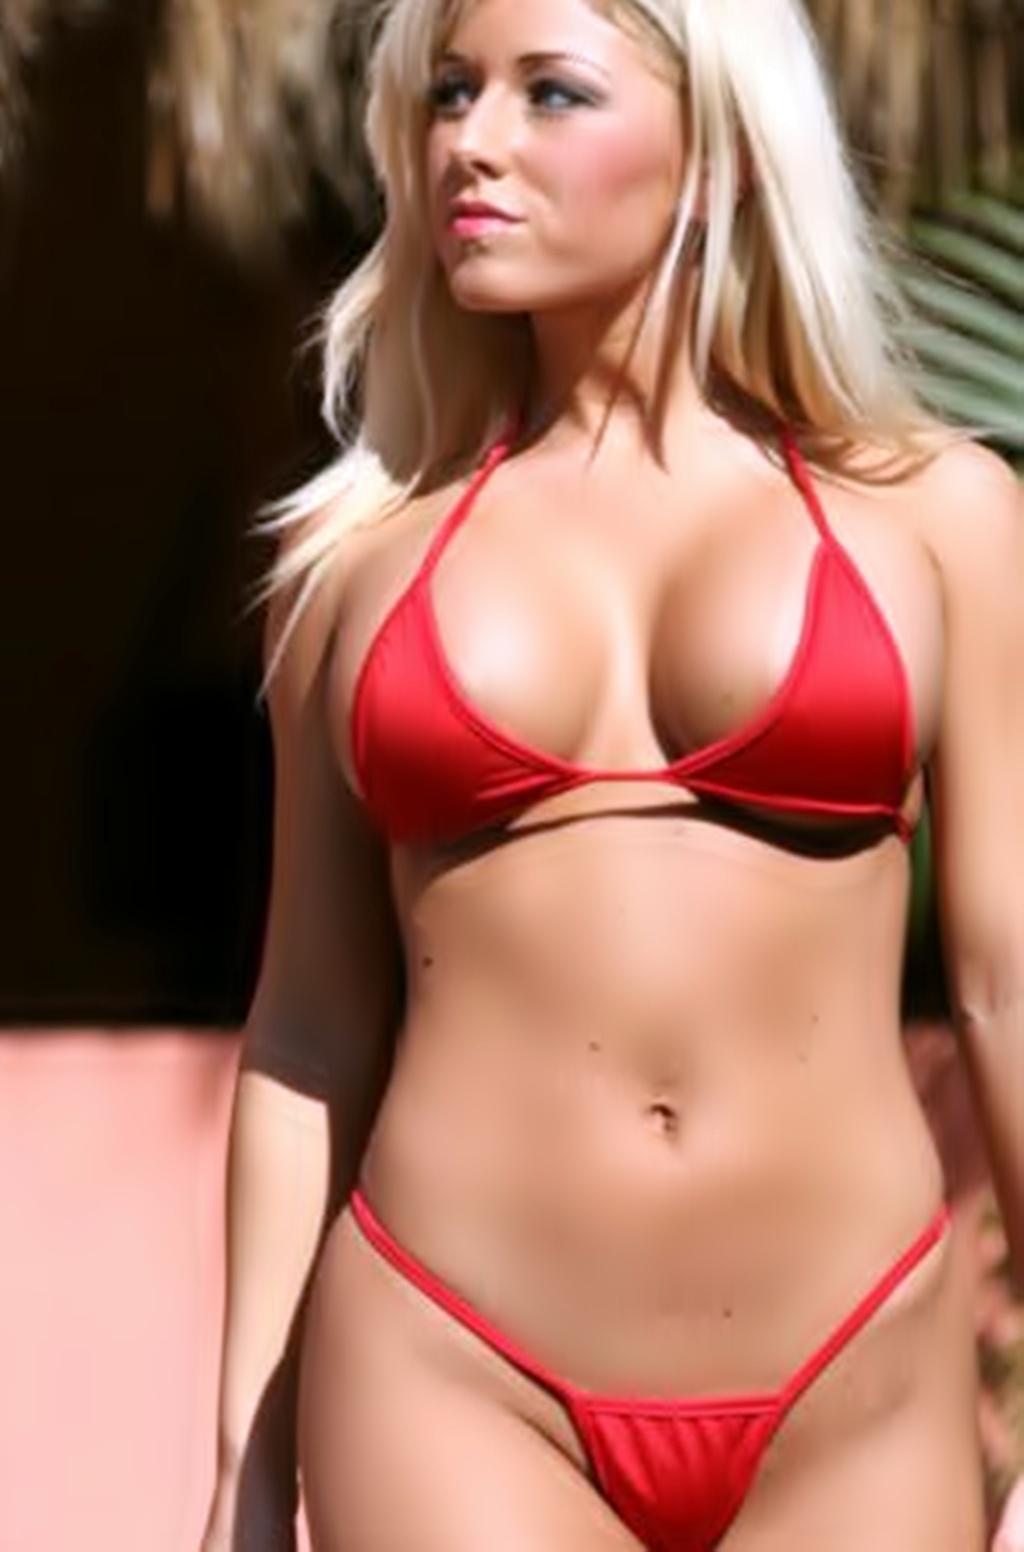 Bikini micro vids mini